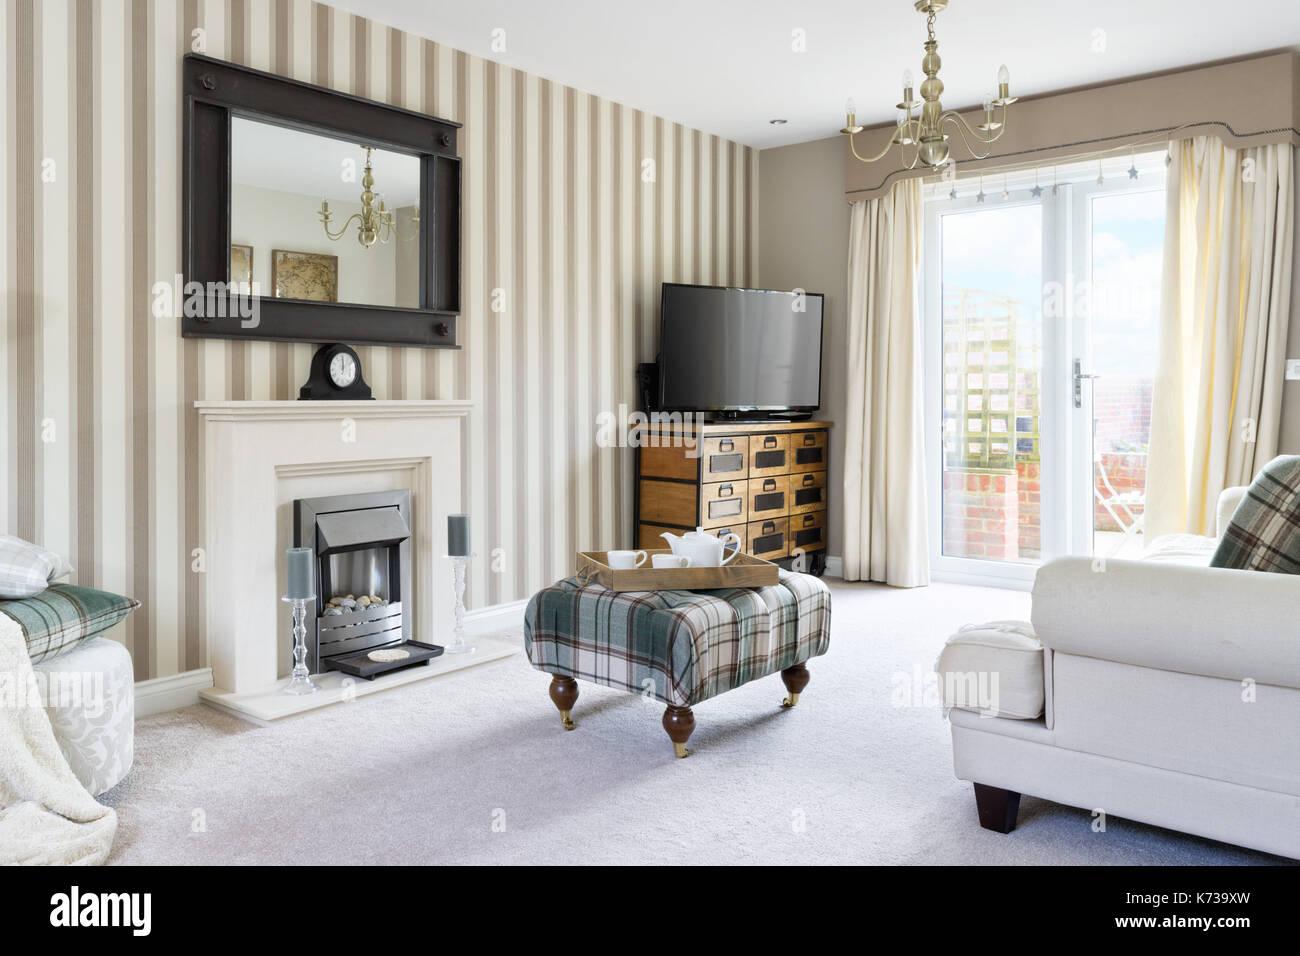 Un elegante salón interior diseñado en un estilo contemporáneo inicio REINO UNIDO Imagen De Stock